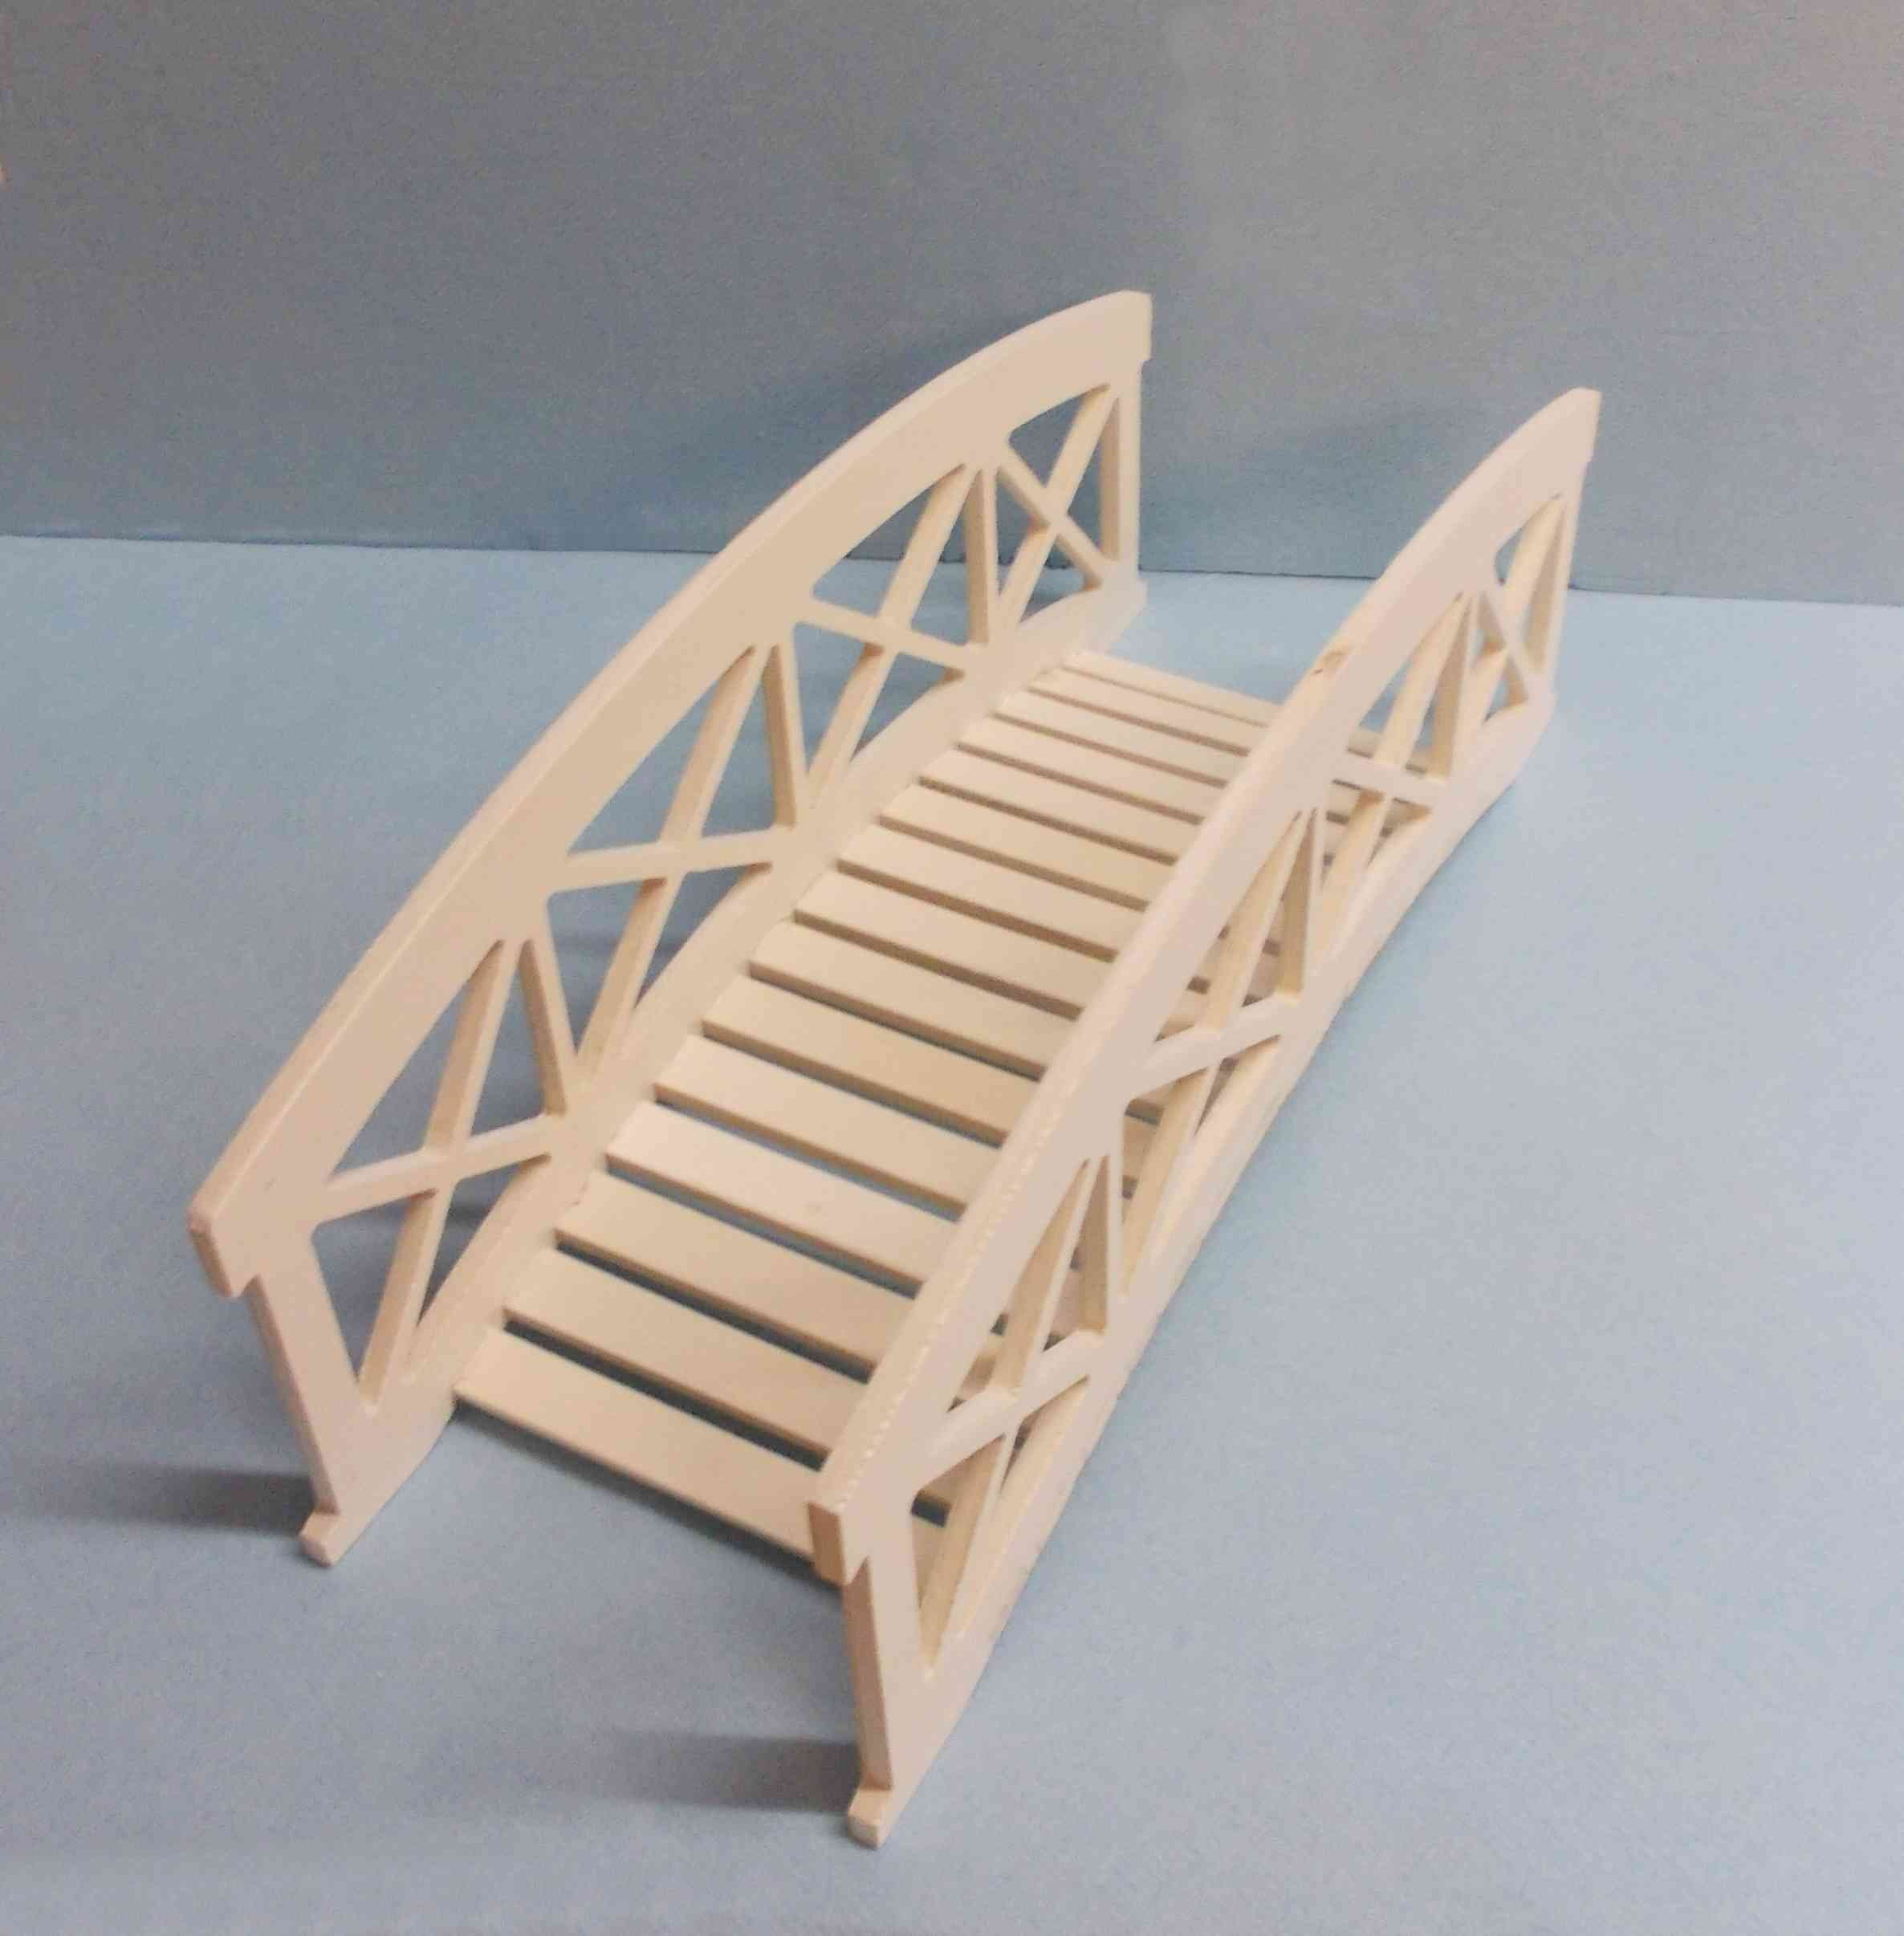 Brouette miniature 23cm en bois en kit, assemblée et collée, à ...